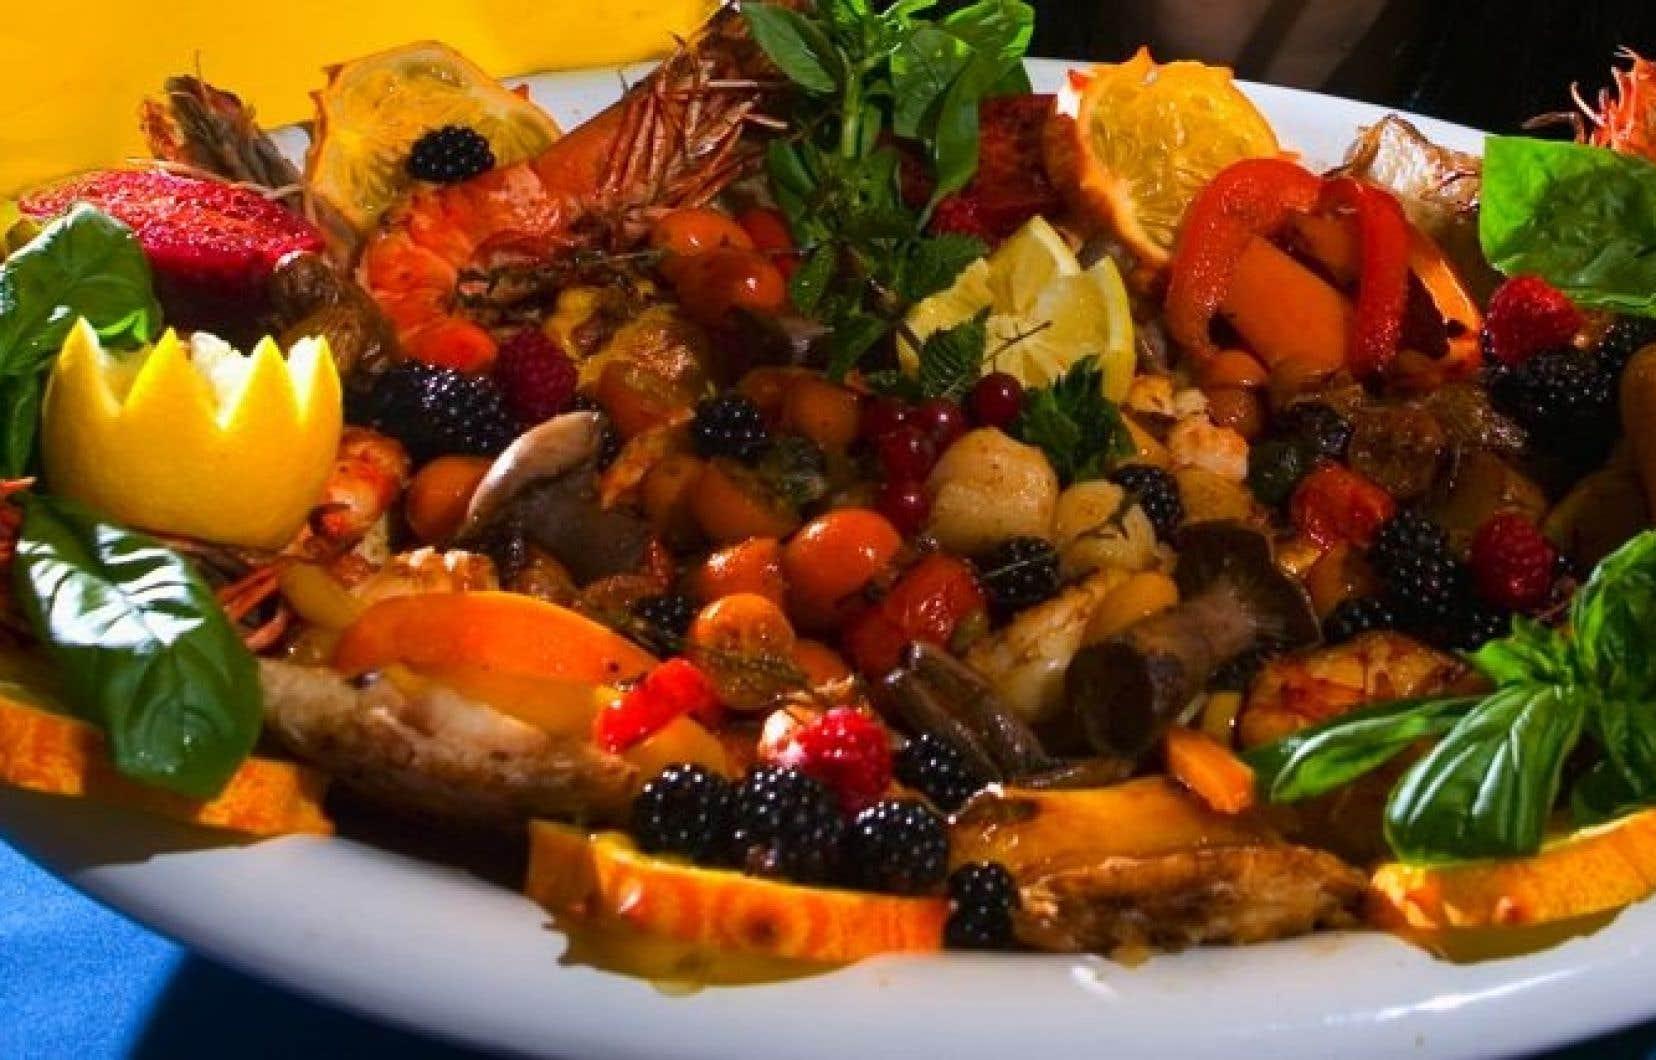 Selon le Dr Juneau, les effets protecteurs de l'alimentation méditerranéenne proviennent des fruits et légumes qui sont consommés en abondance, des noix, de l'huile d'olive et du verre de vin bu pendant le repas. Privilégiant le poisson, le régime méditerranéen limite par contre la viande rouge, et surtout les charcuteries et le sucre, souligne le cardiologue.